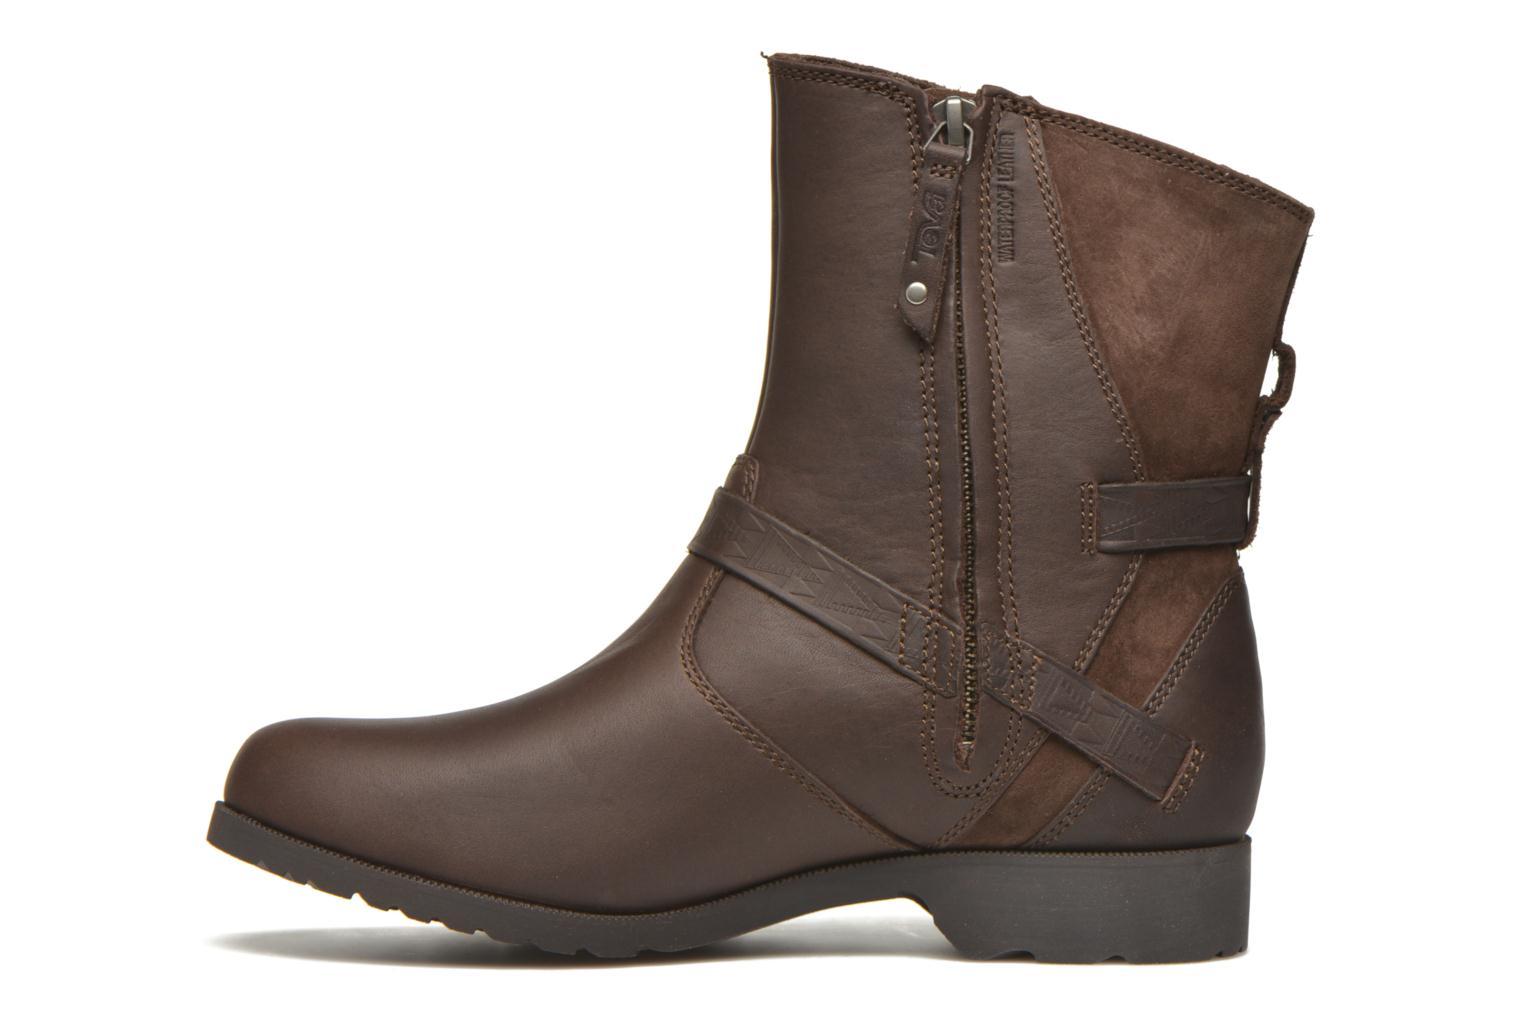 Bottines et boots Teva Delavina Low - Mosaic Marron vue face